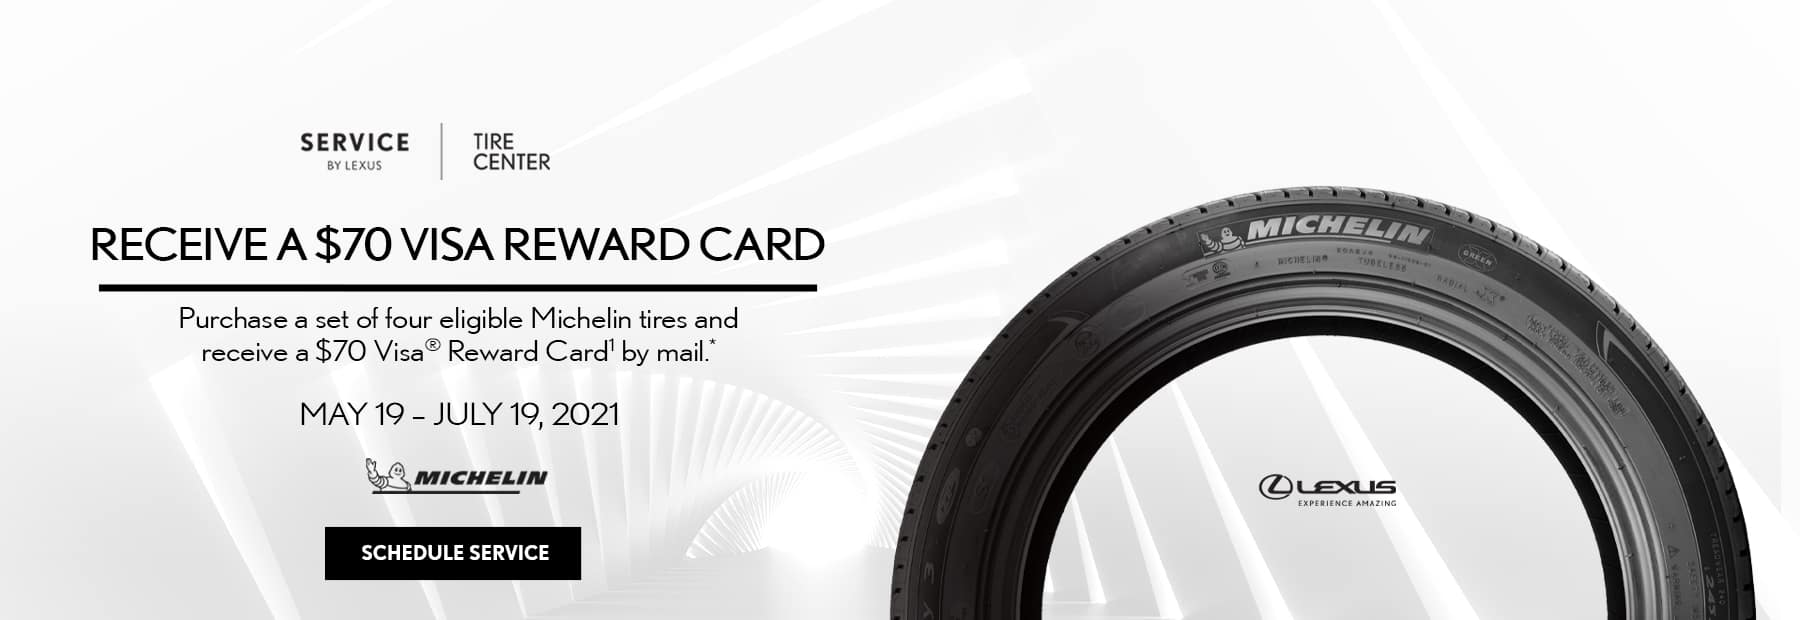 2021-05-19 Tires_Desktop